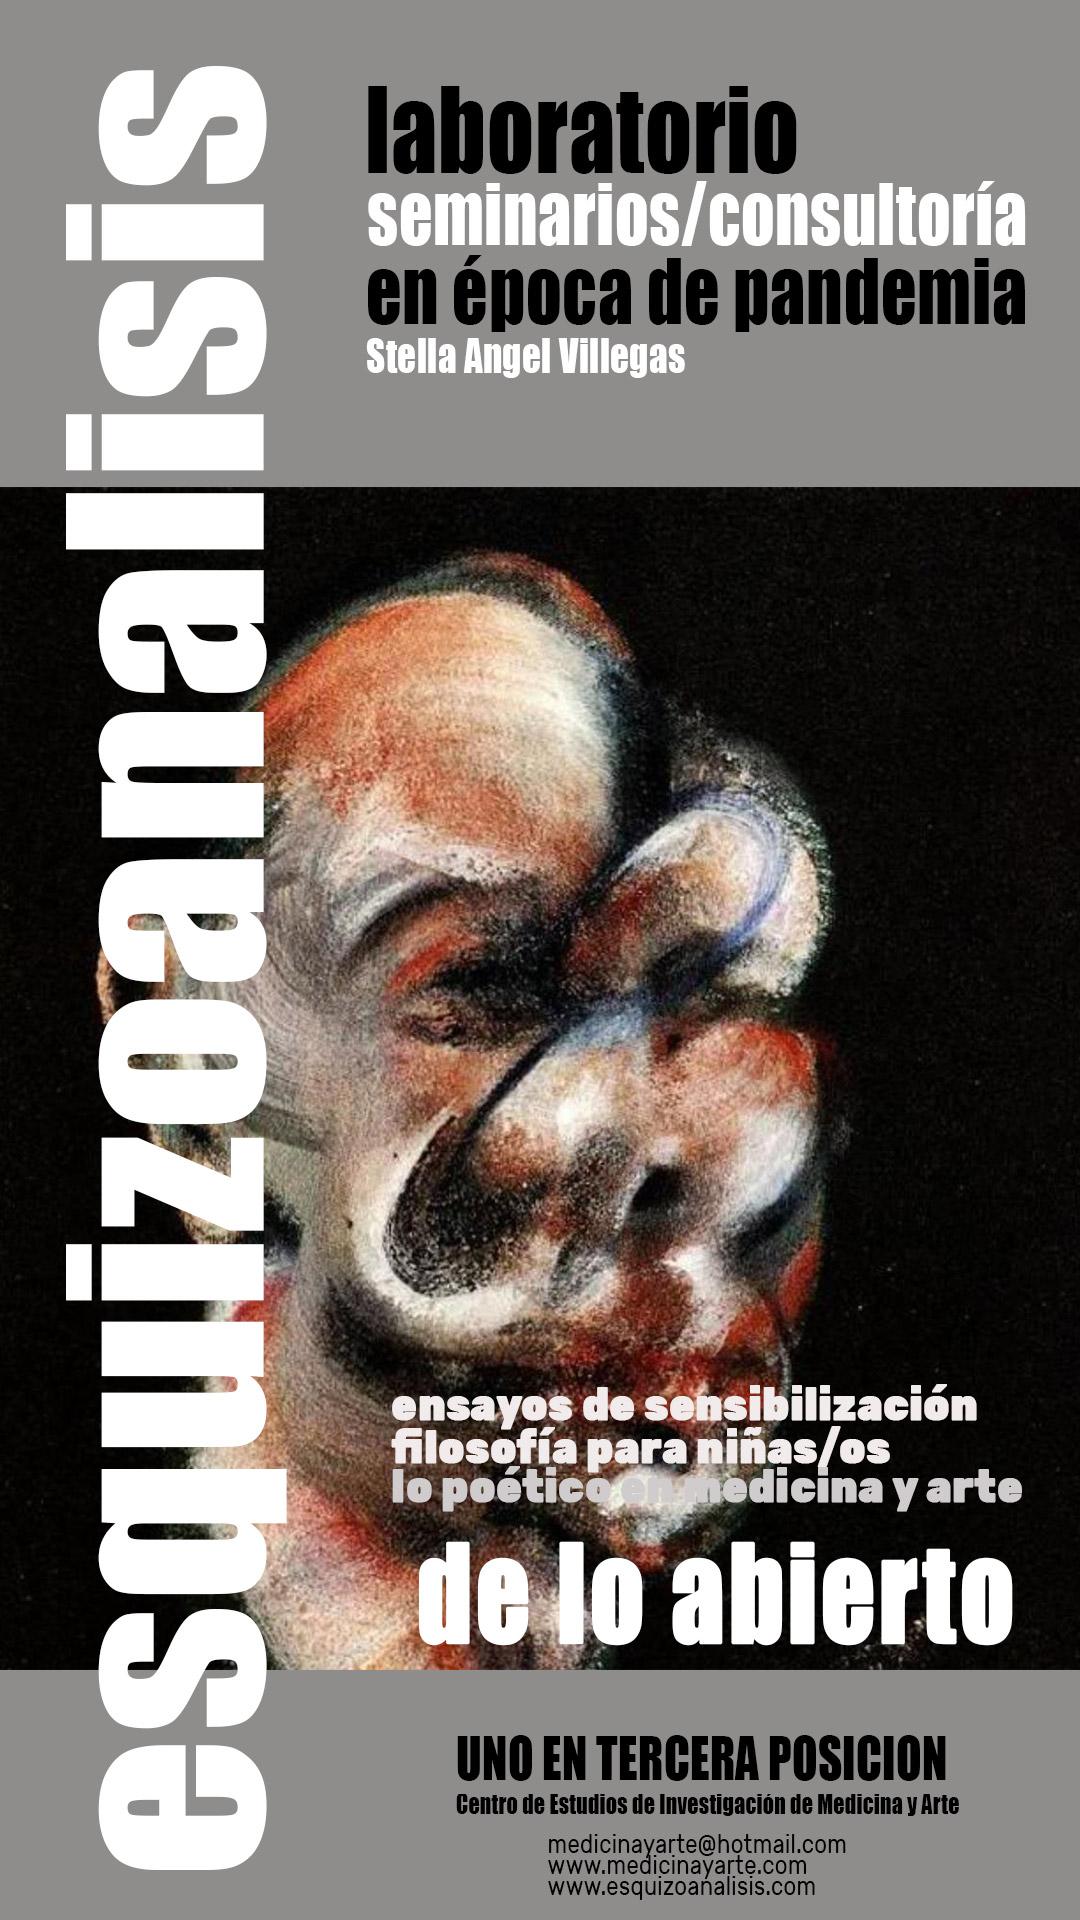 http://www.medicinayarte.com/img/laboratorio-seminarios-consultoria.jpg